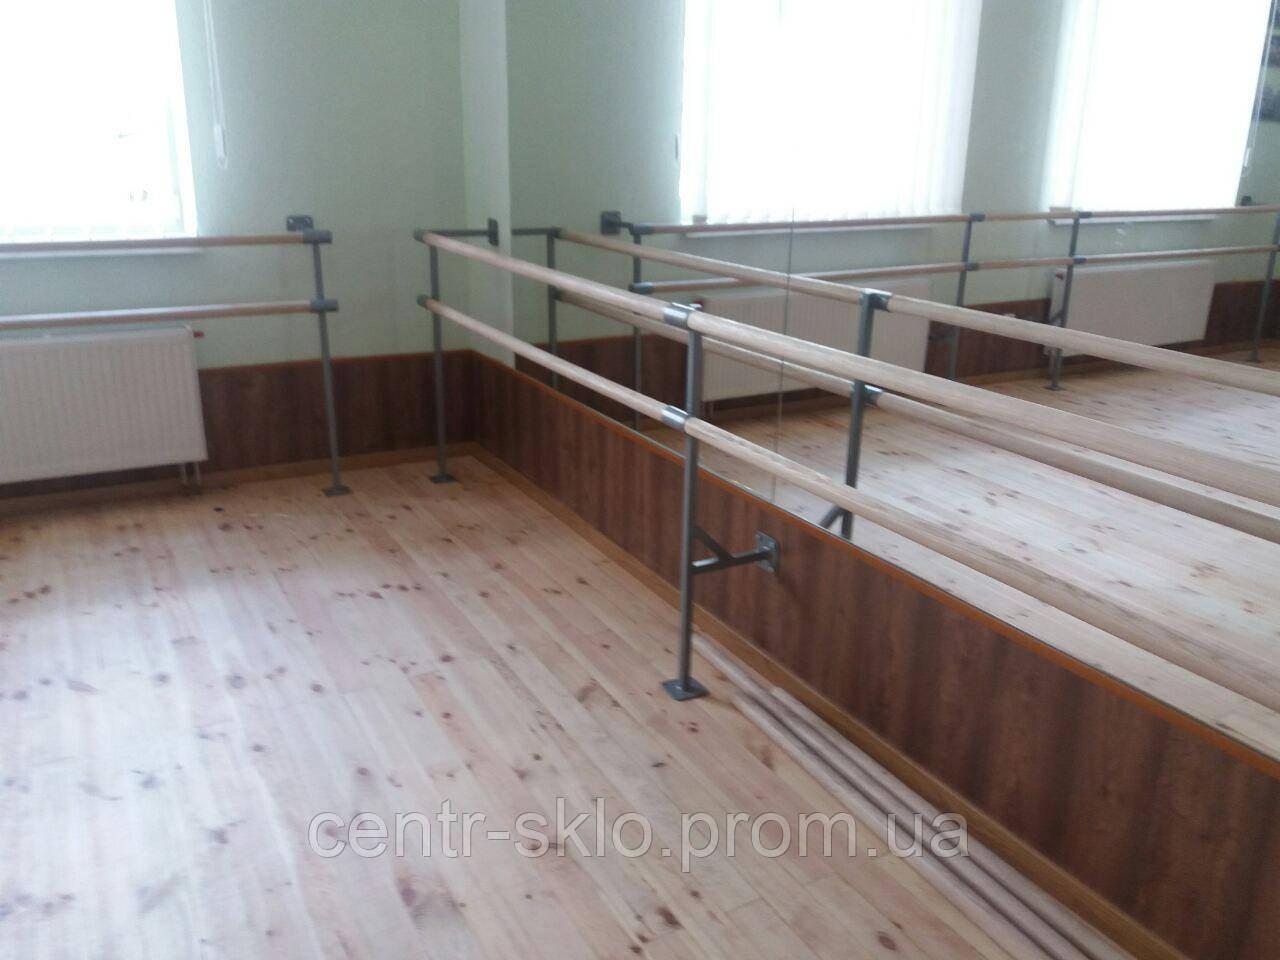 Установка зеркал и хореографических станков.